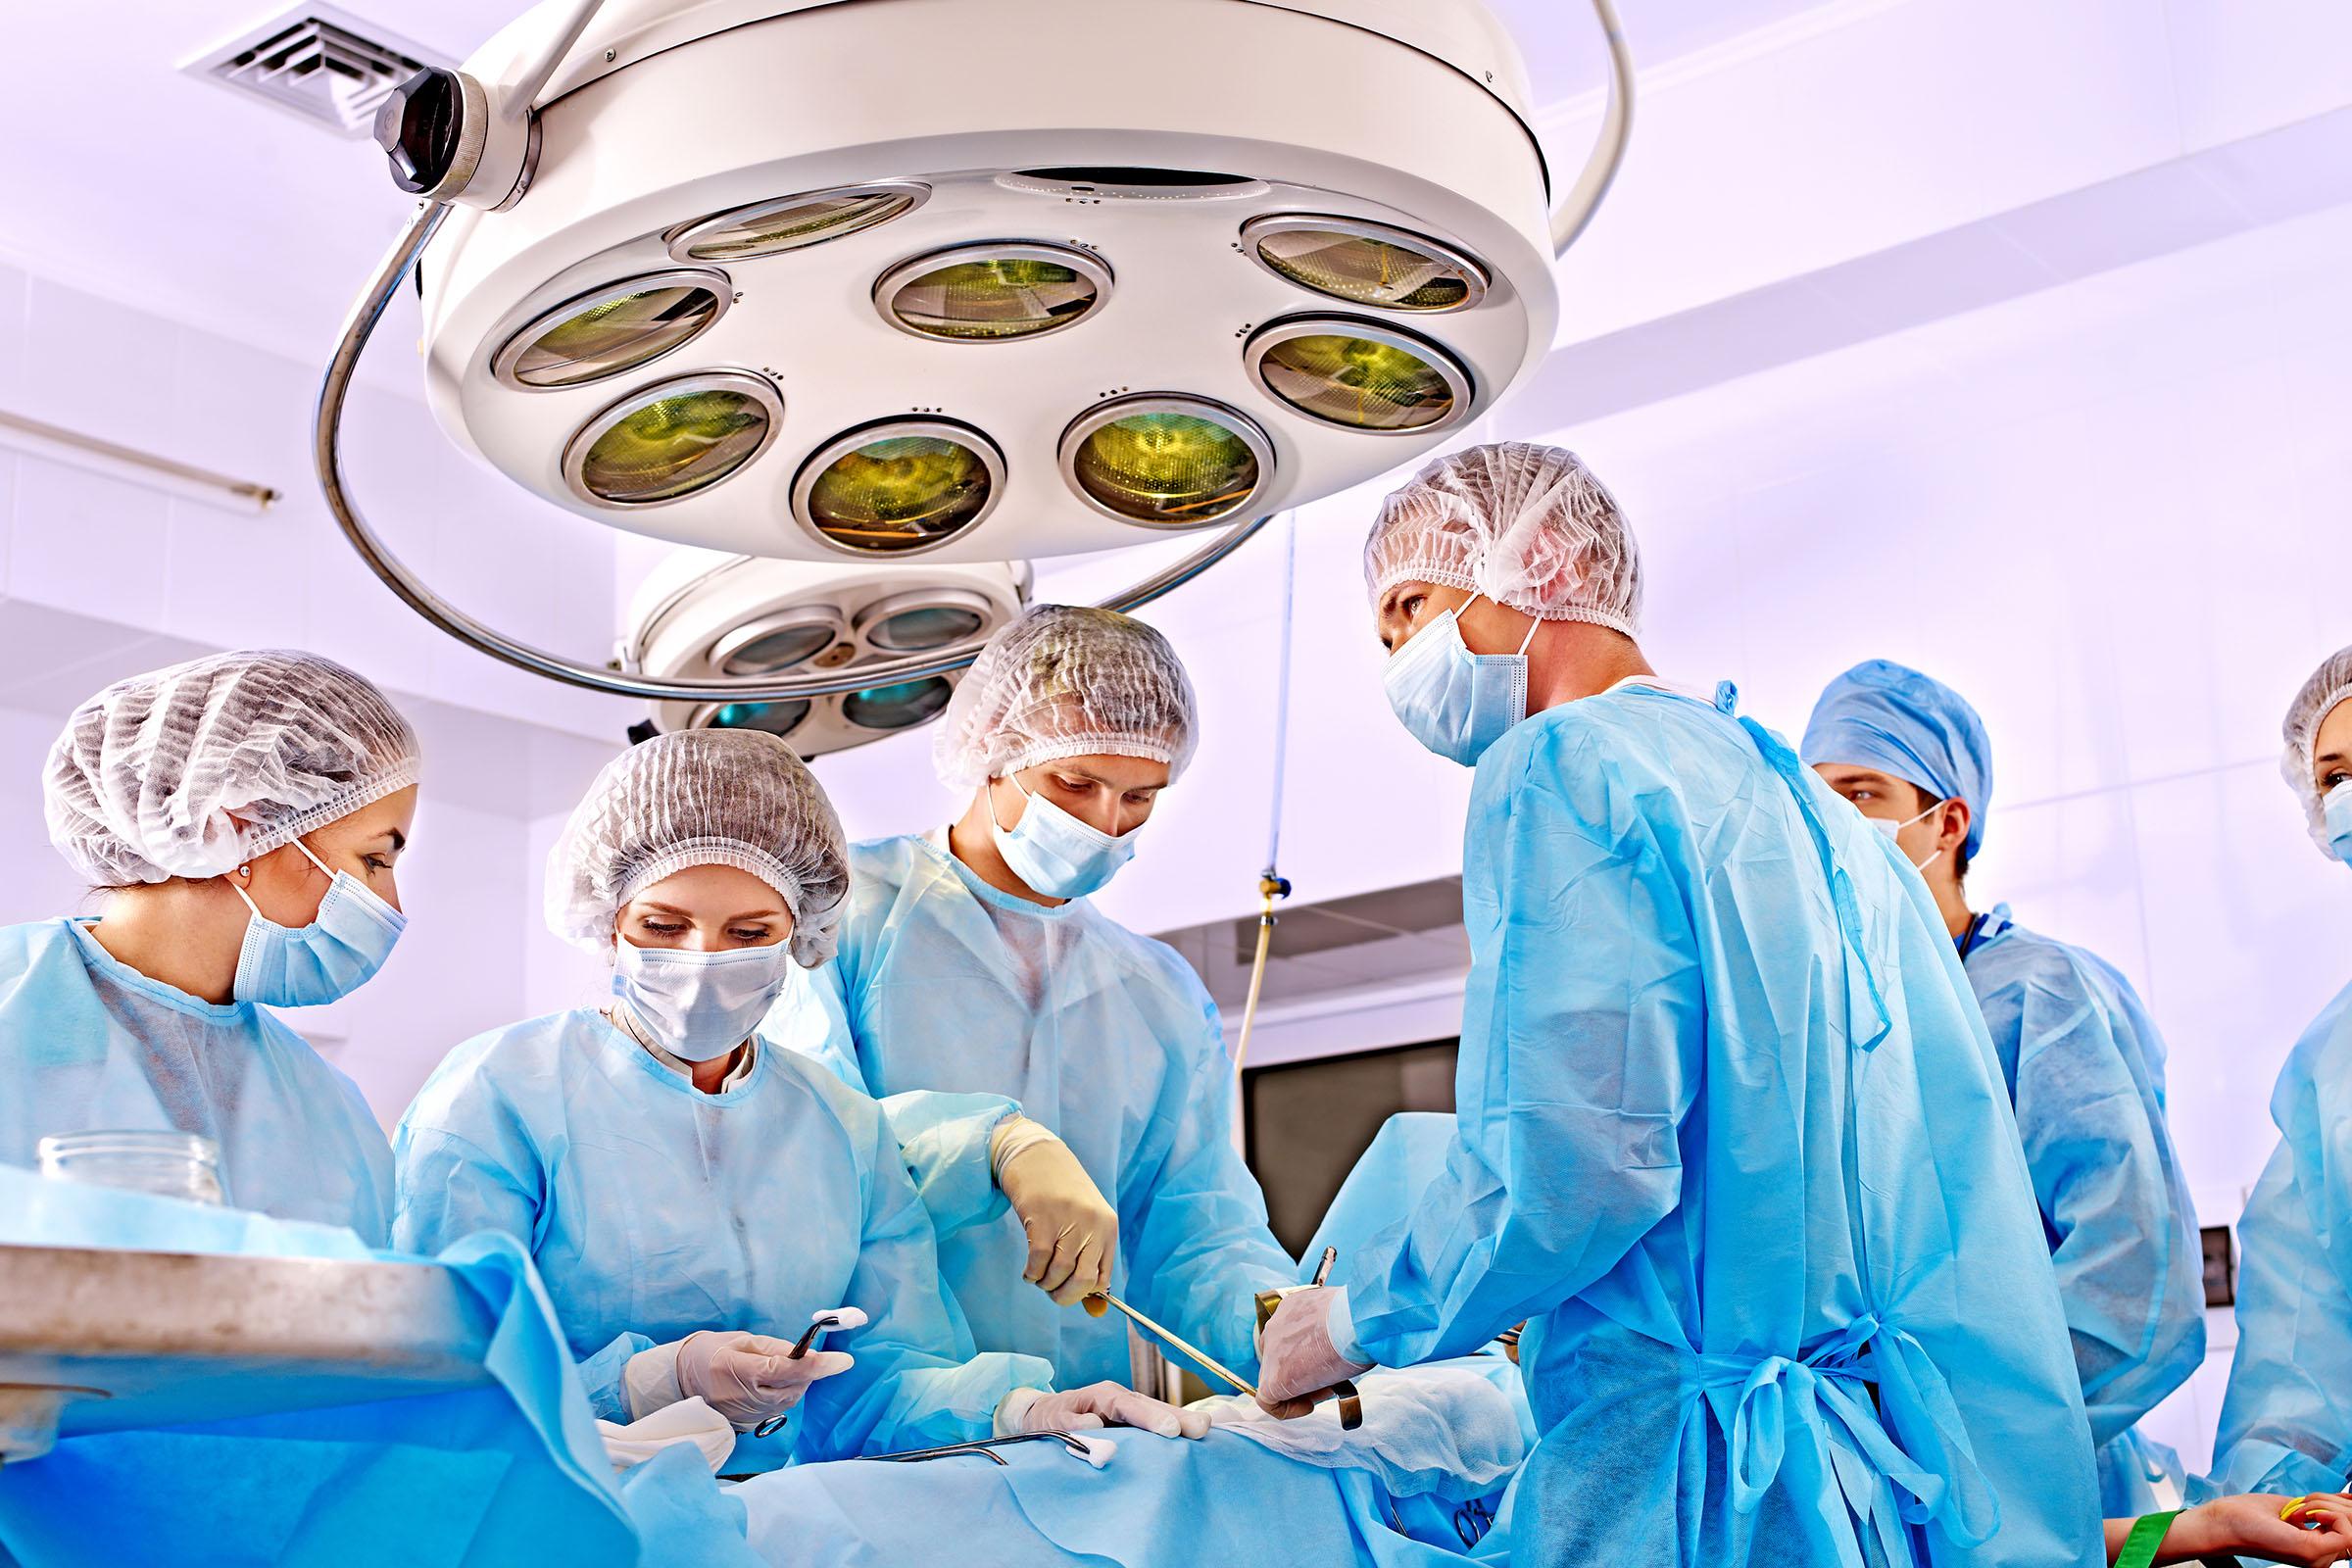 foto-chirurgia2